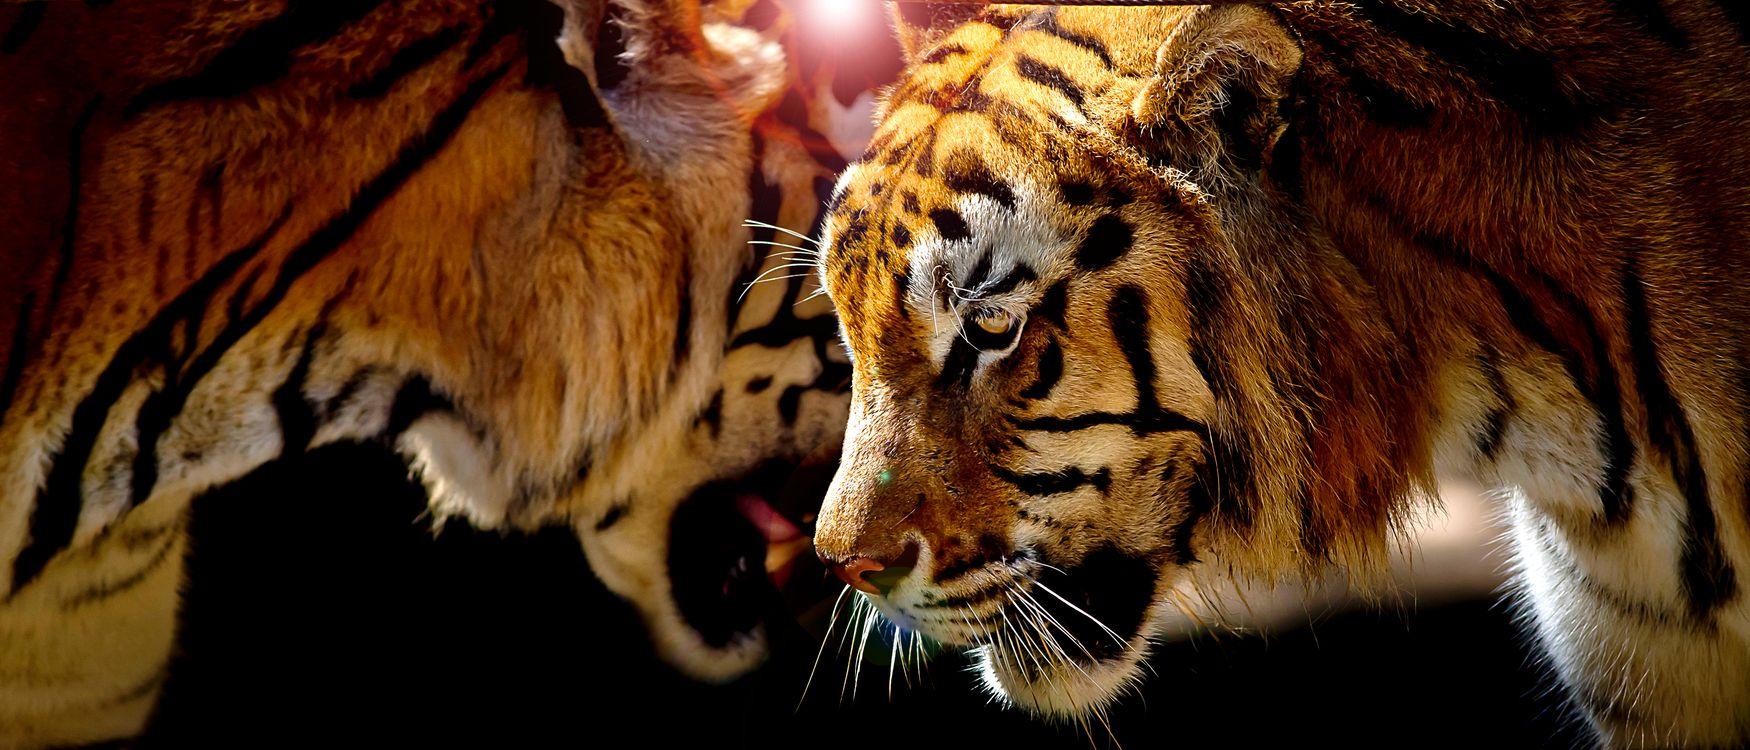 Фото бесплатно тигр, портрет тигра, хищник - на рабочий стол